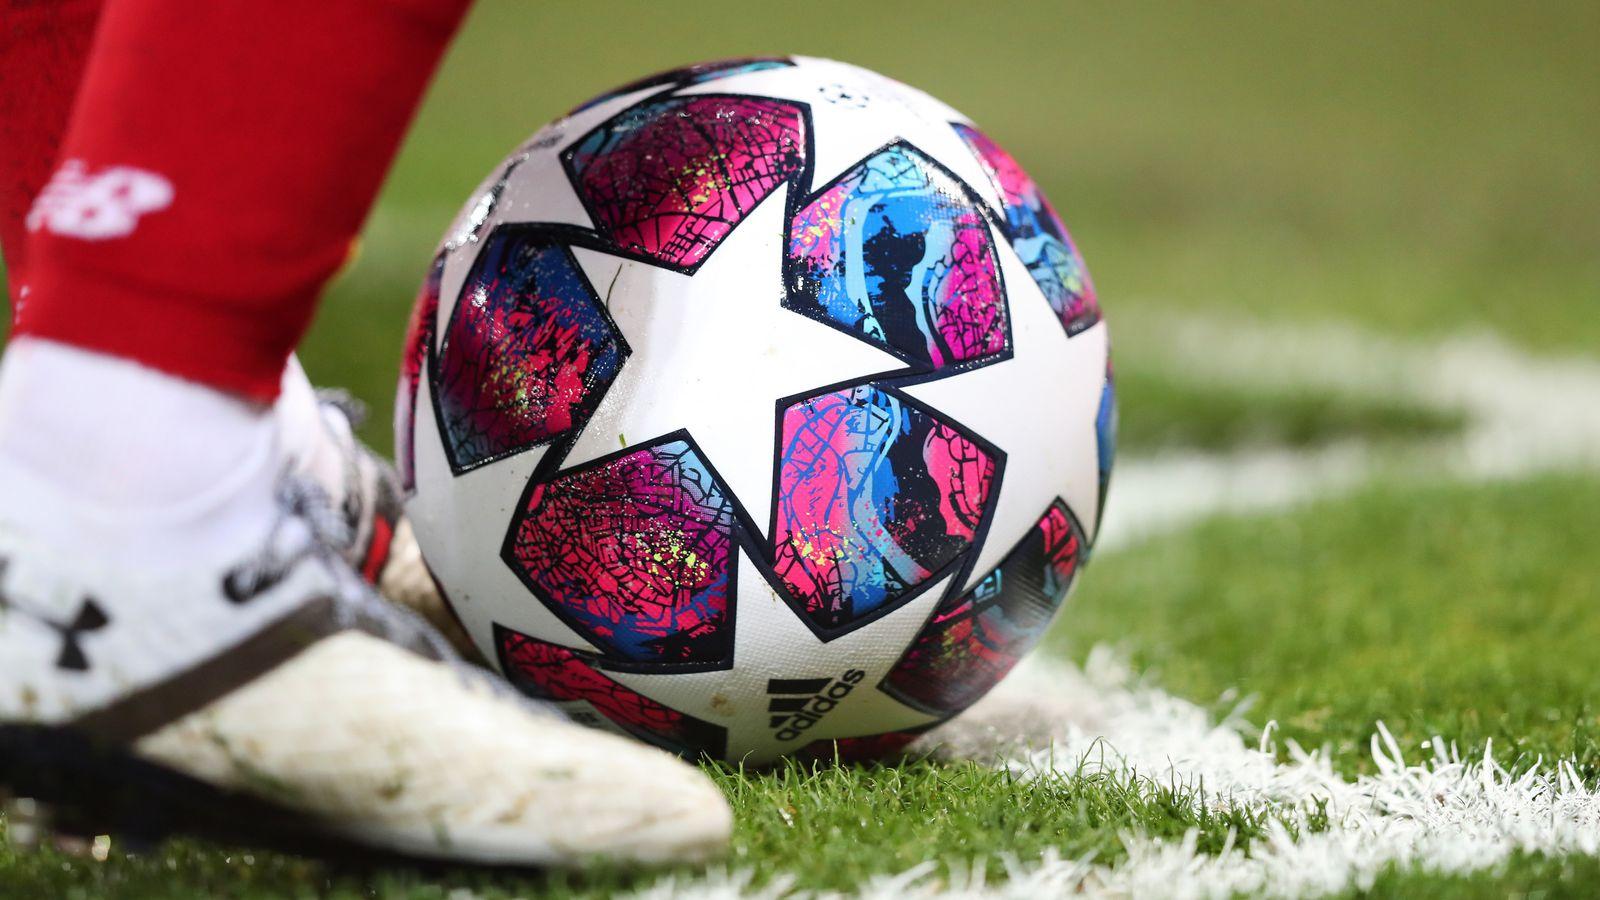 Liga de Campeones, la Europa League se terminará en agosto, dice el presidente Aleksander Ceferin | Noticias de futbol 1